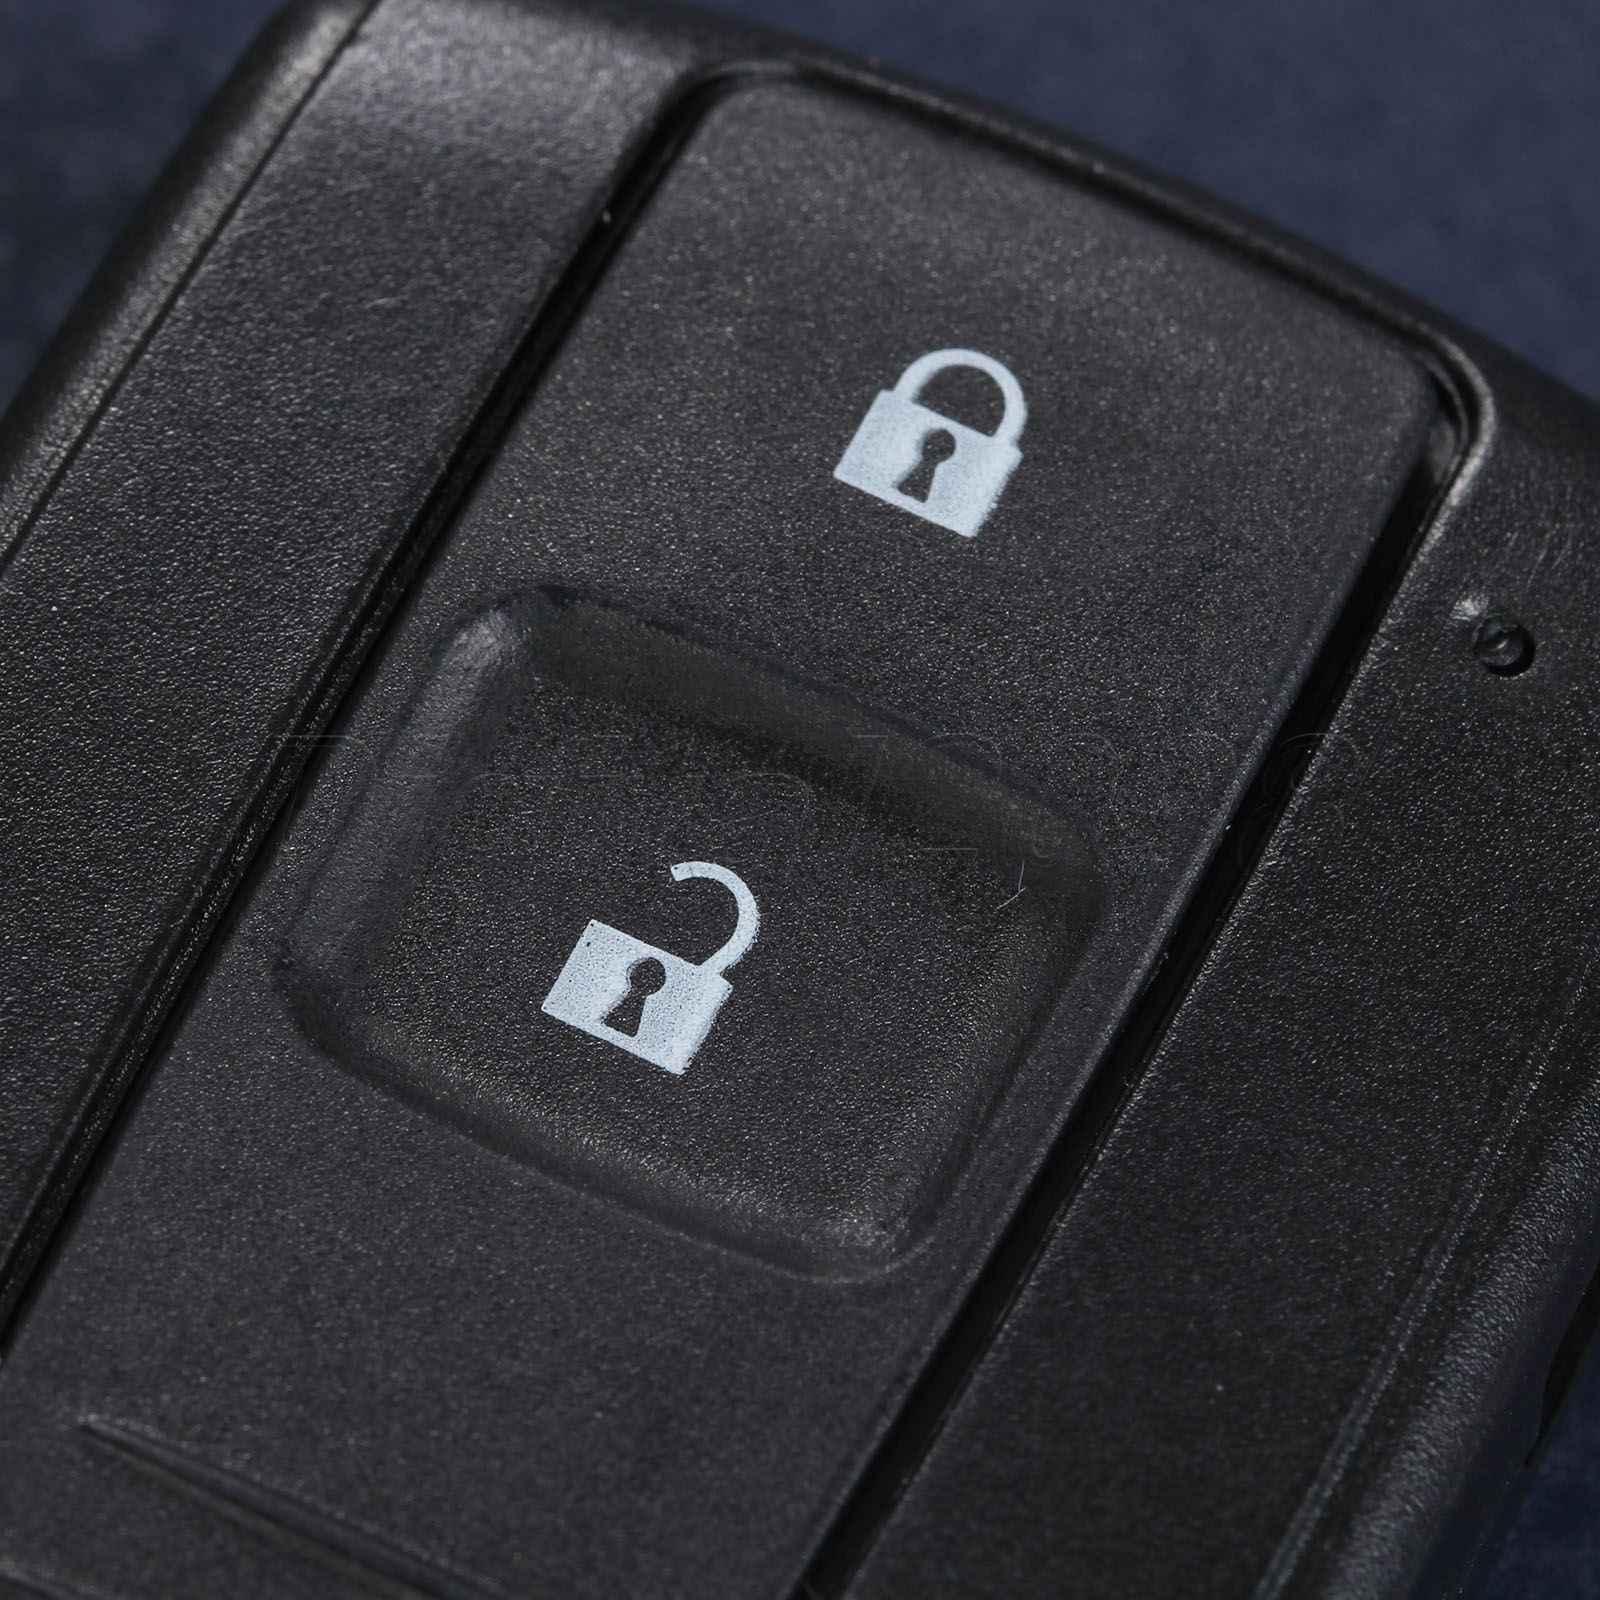 Yetaha 2017 de alta qualidade 2 botão chave substituição do escudo inteligente remoto chave caso fob keyless entrada para toyota prius corolla verso